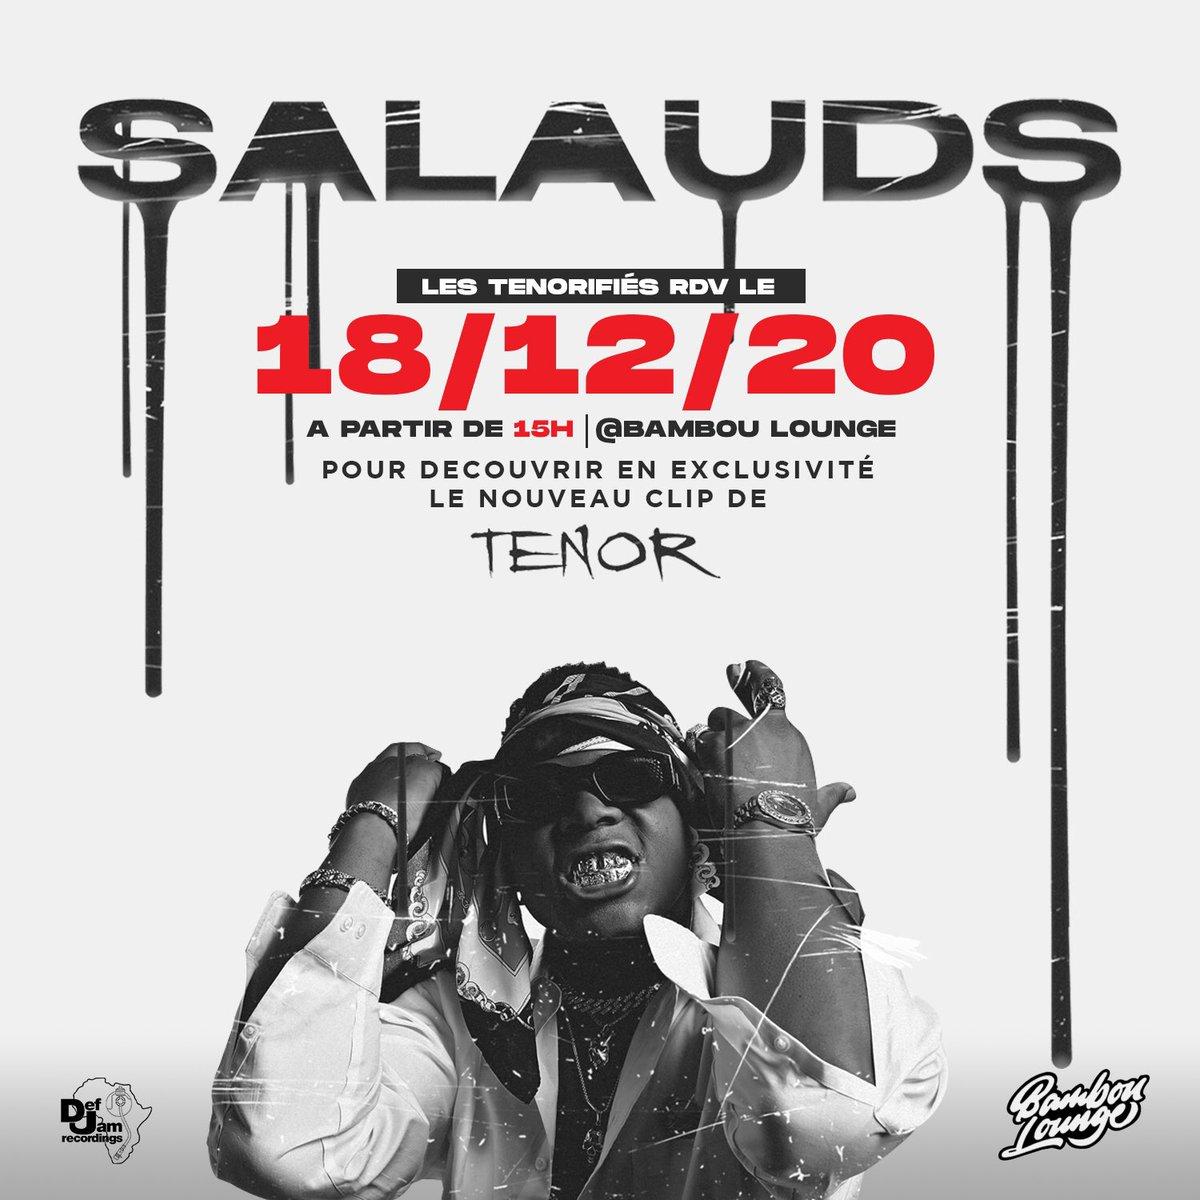 Demain au Bambou Lounge de Yaoundé :  - Avant-Première du nouveau clip de @TENOR_officiel «Salauds» - Pop Up Shop Exclusif Def Jam Africa (pour tous ceux qui ont demandé les pulls)  🕝 À partir de 15h https://t.co/6lhadorlic